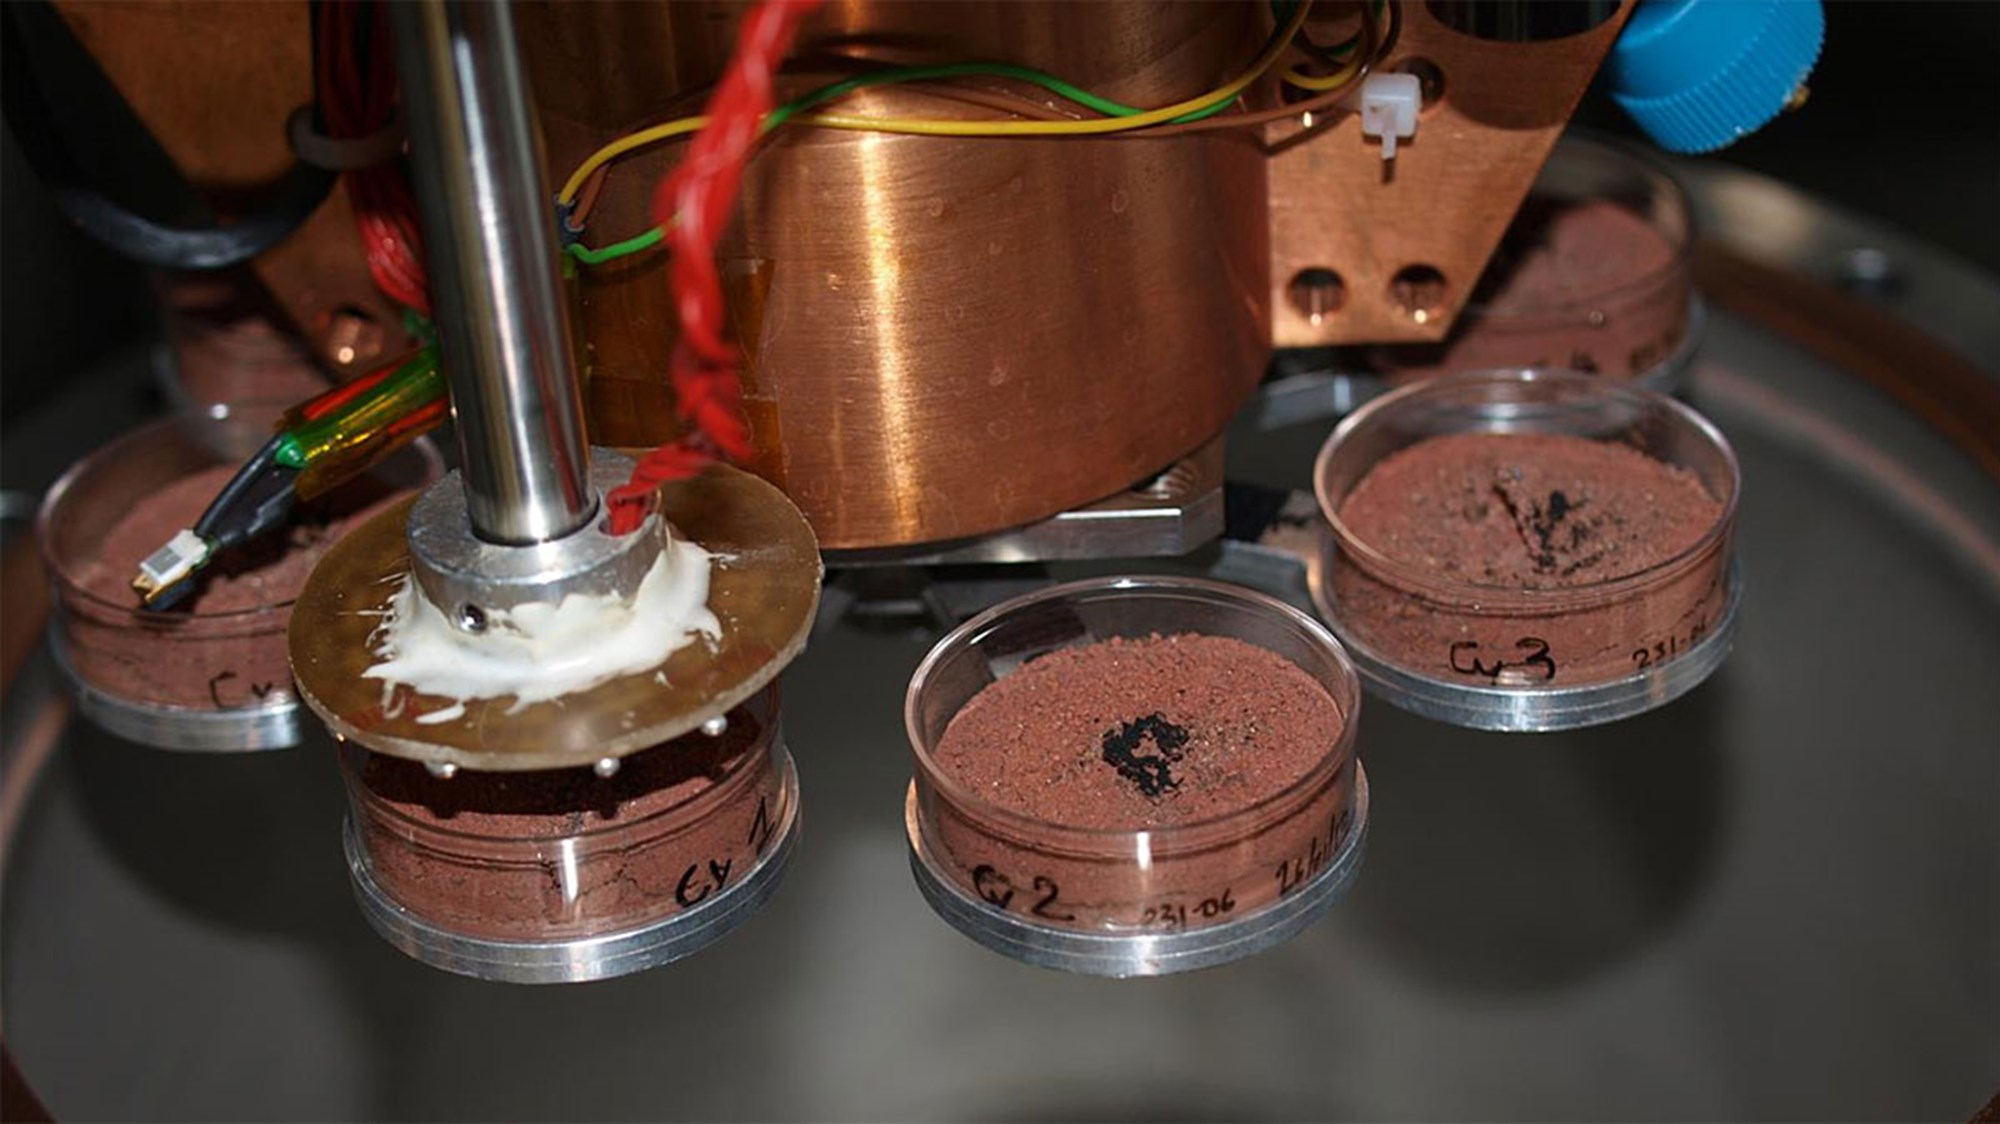 Organismen von der Erde können auf dem Mars überleben – derStandard.at